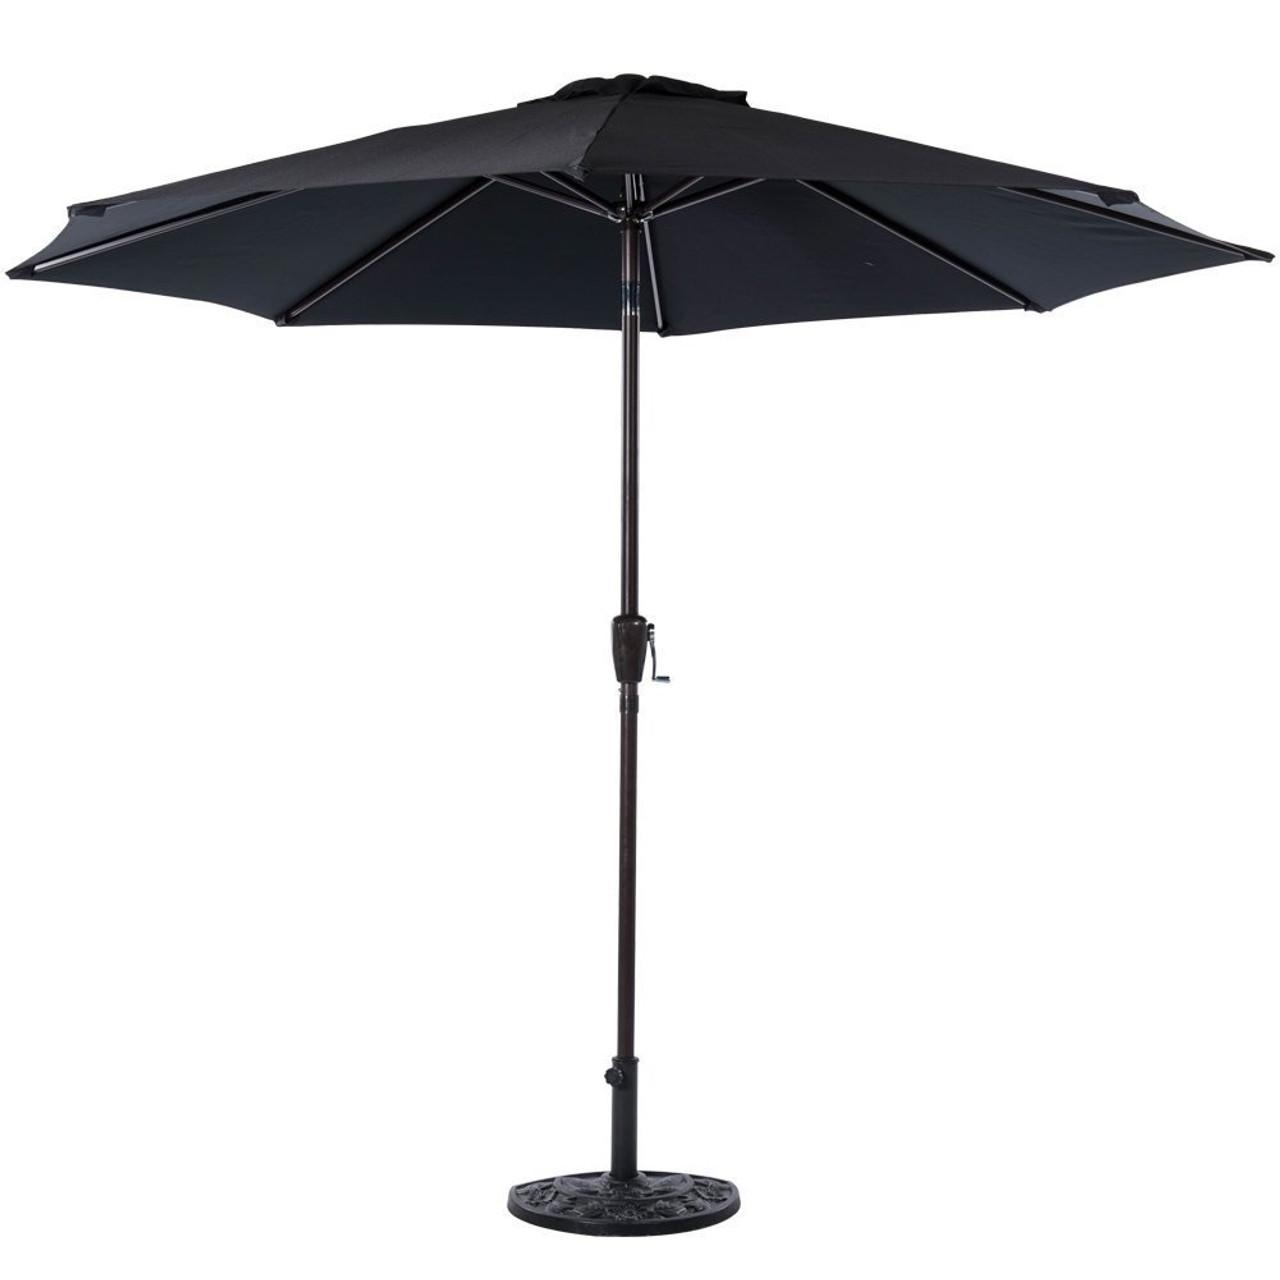 10 feet outdoor aluminum patio umbrellablack - Black Patio Umbrella